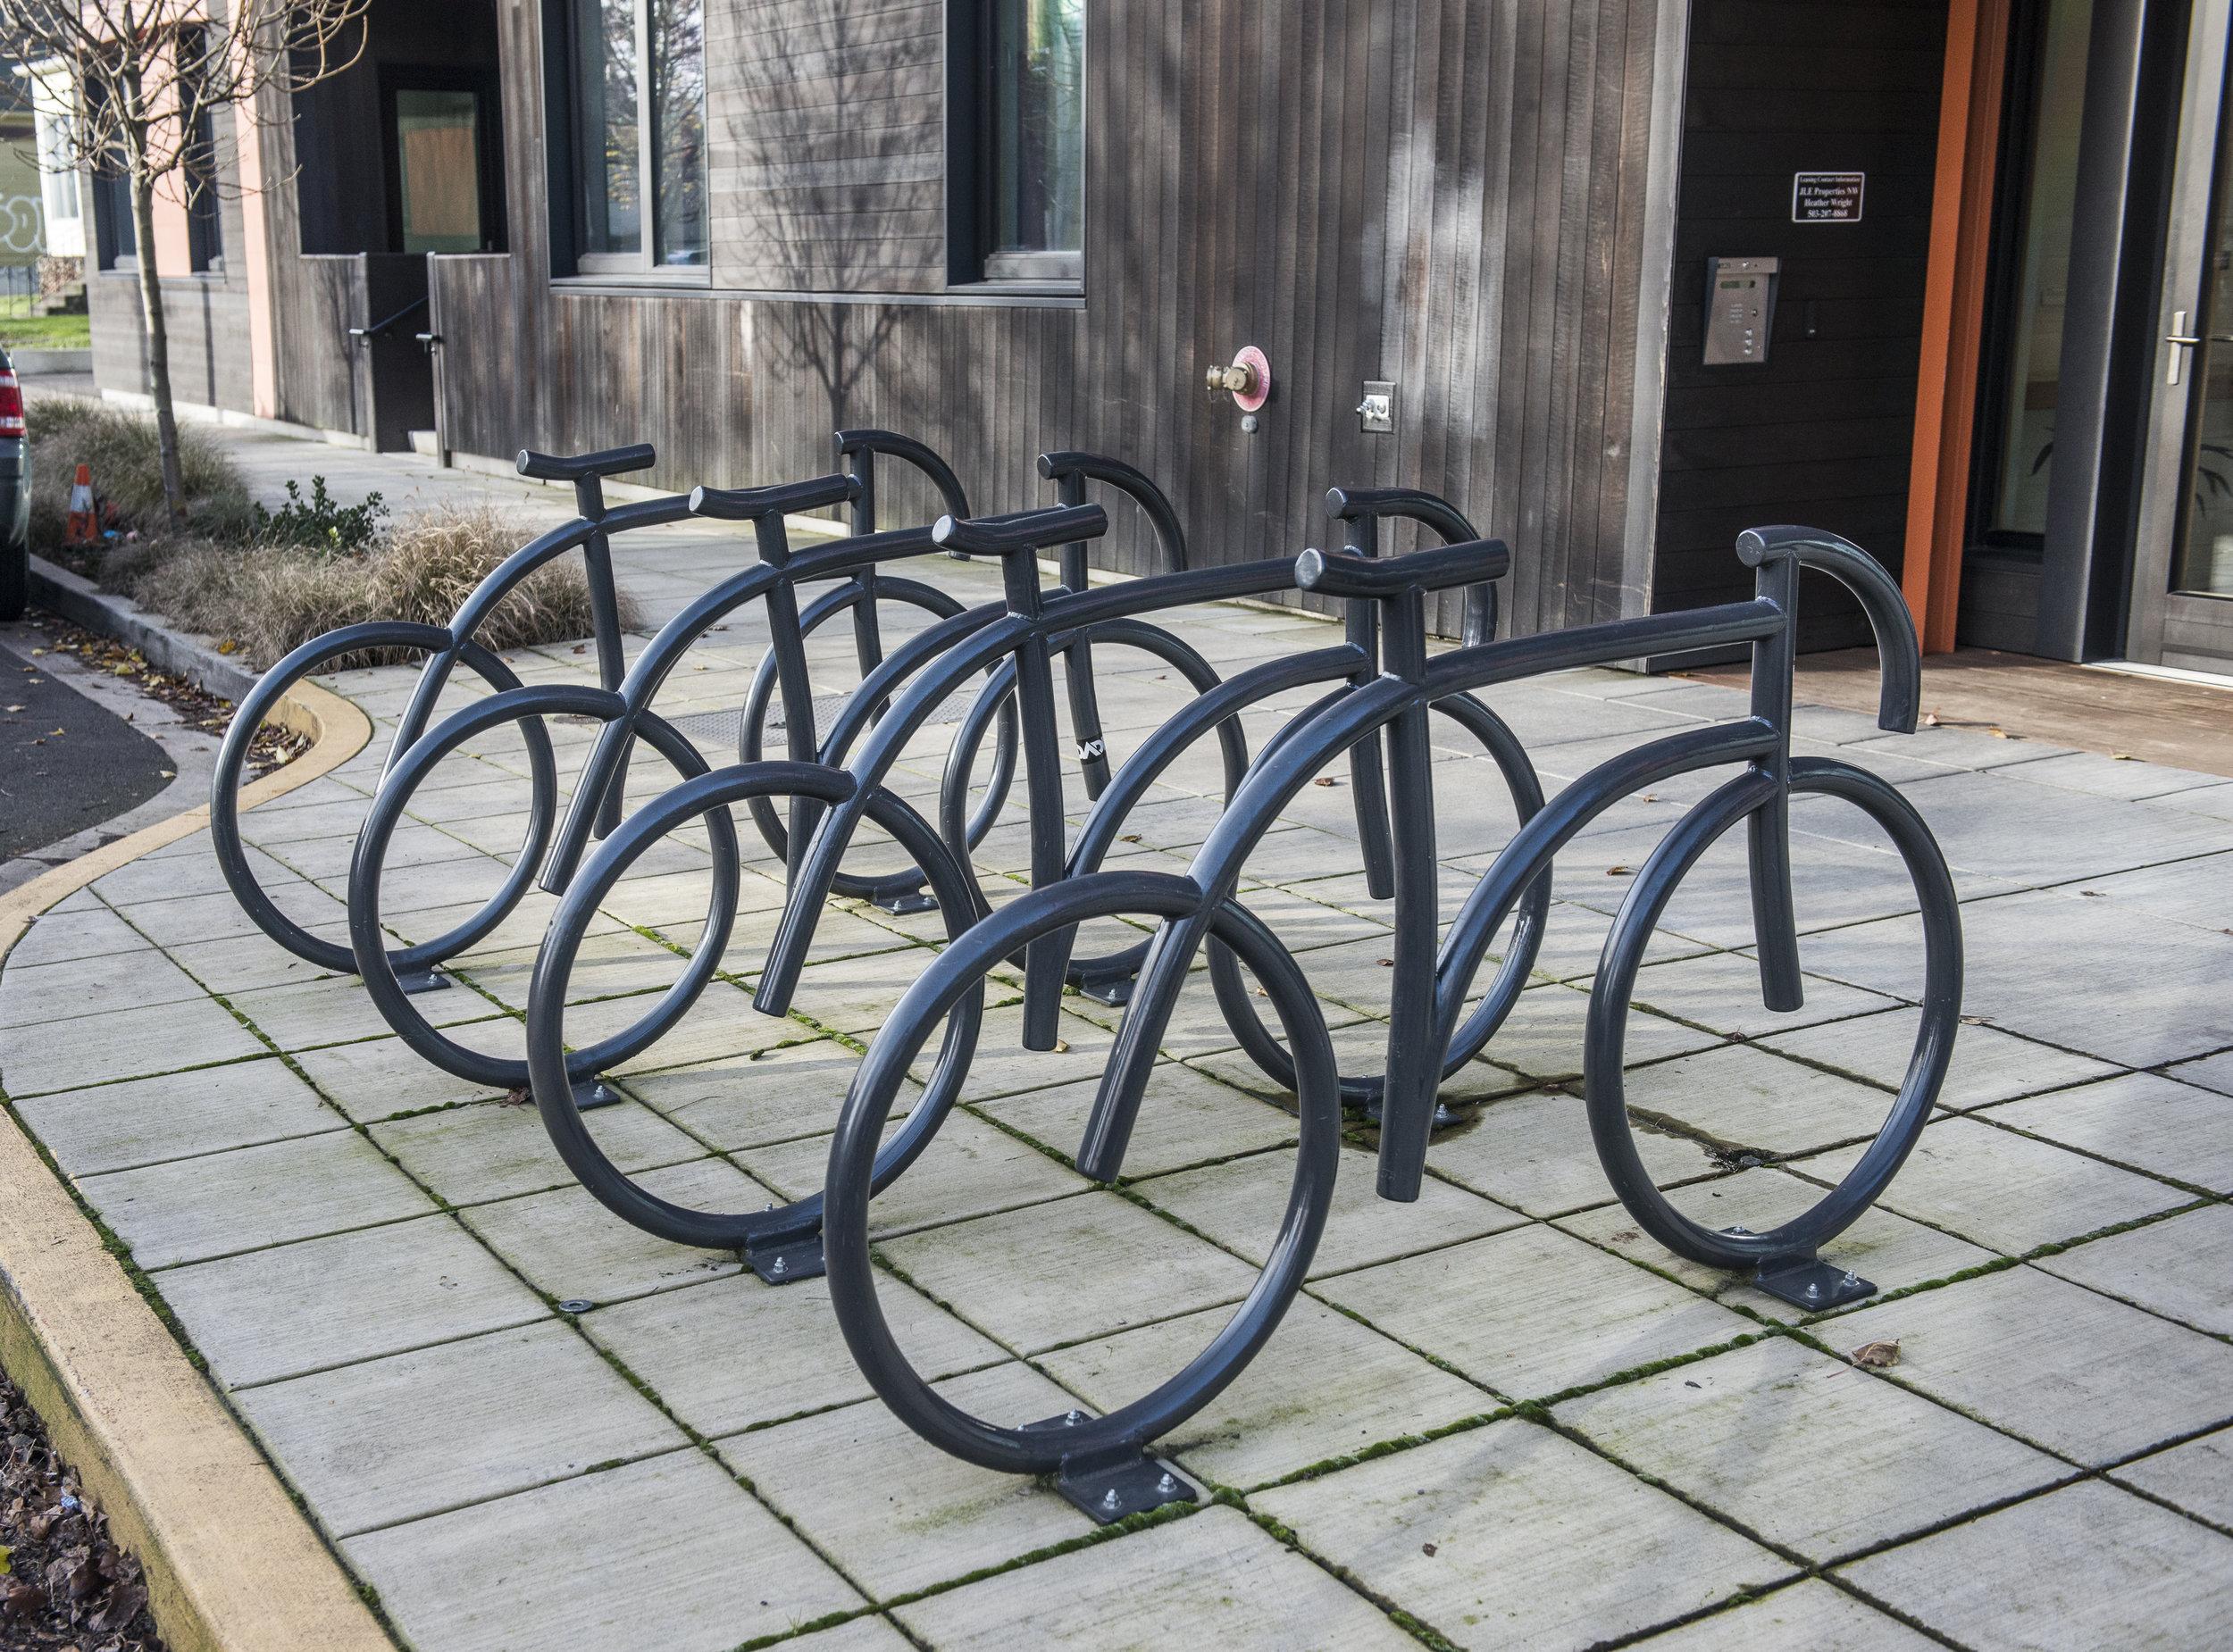 kiln bike racks 1.jpg